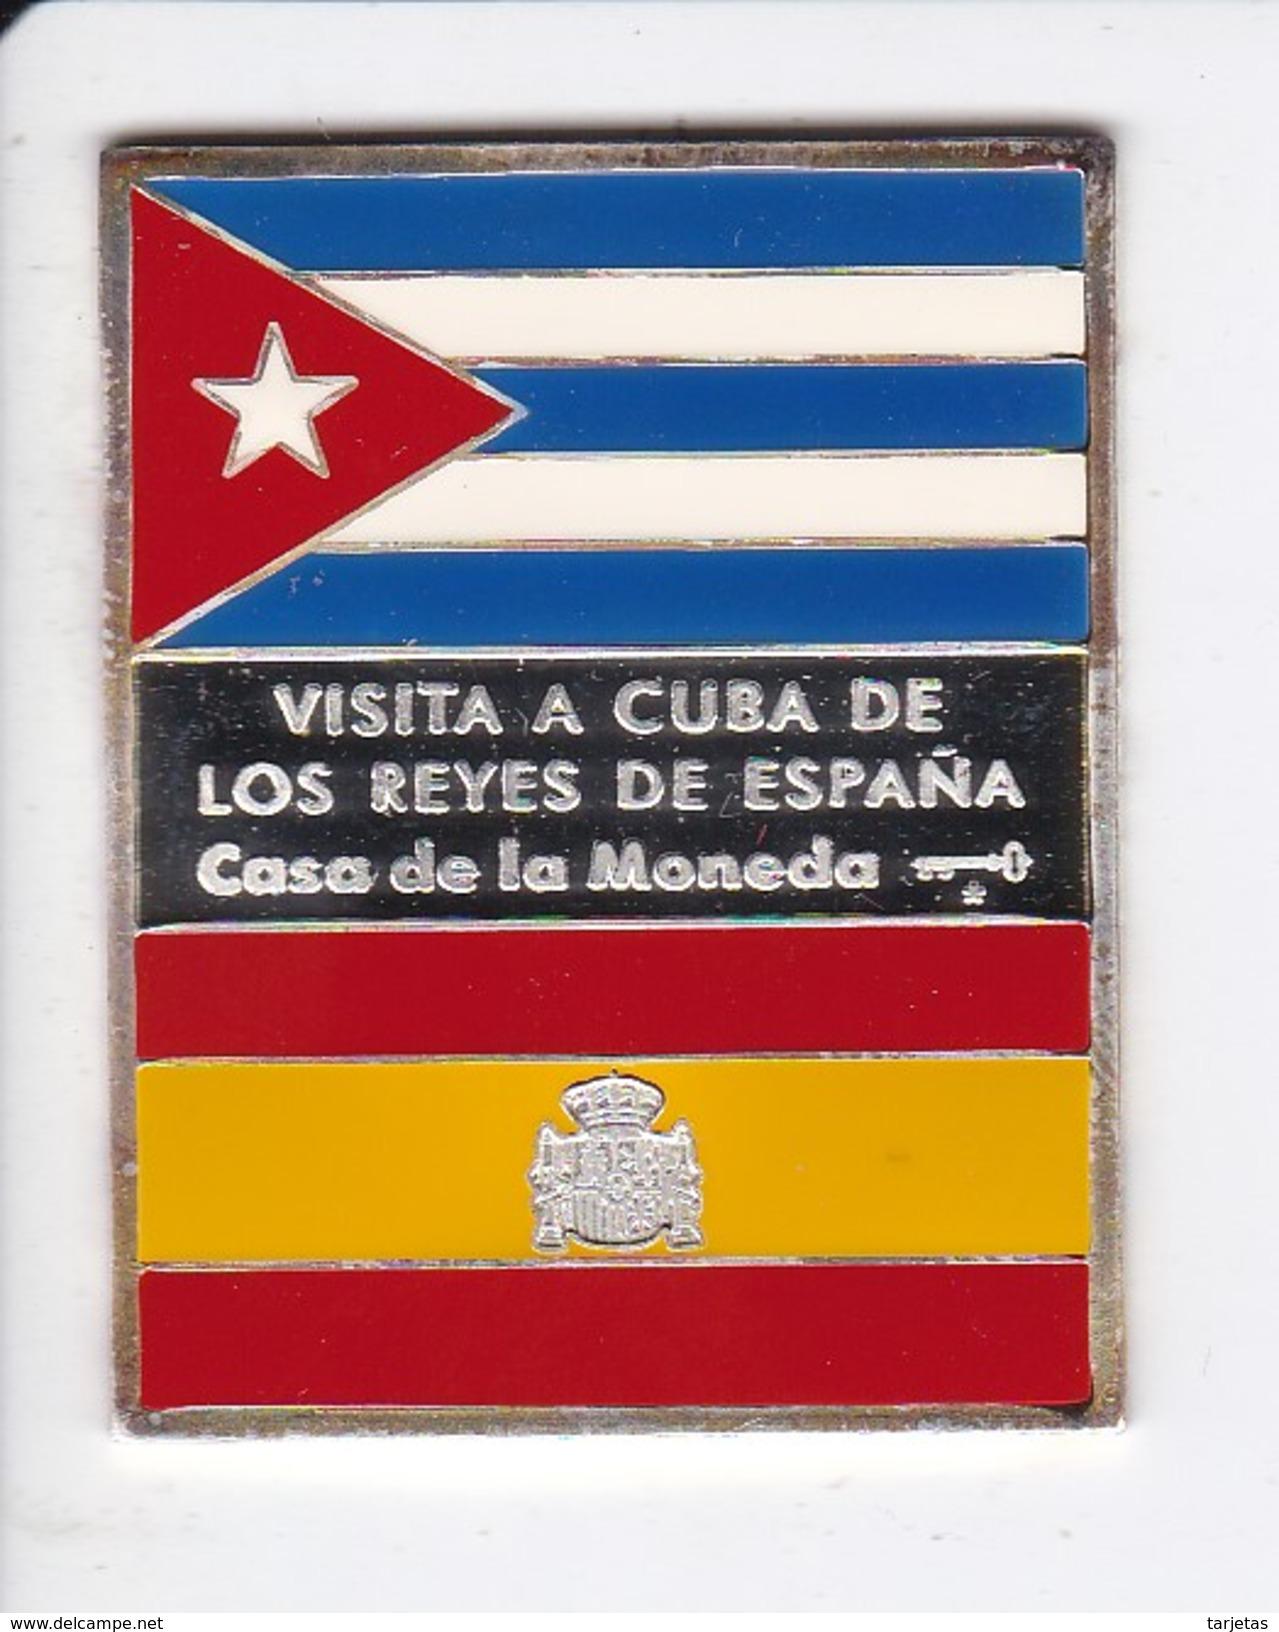 RARA MEDALLA DE PLATA DE CUBA DE LA VISITA A CUBA DE LOS REYES DE ESPAÑA (CASA DE LA MONEDA) BANDERA ESPAÑA Y CUBA - Cuba